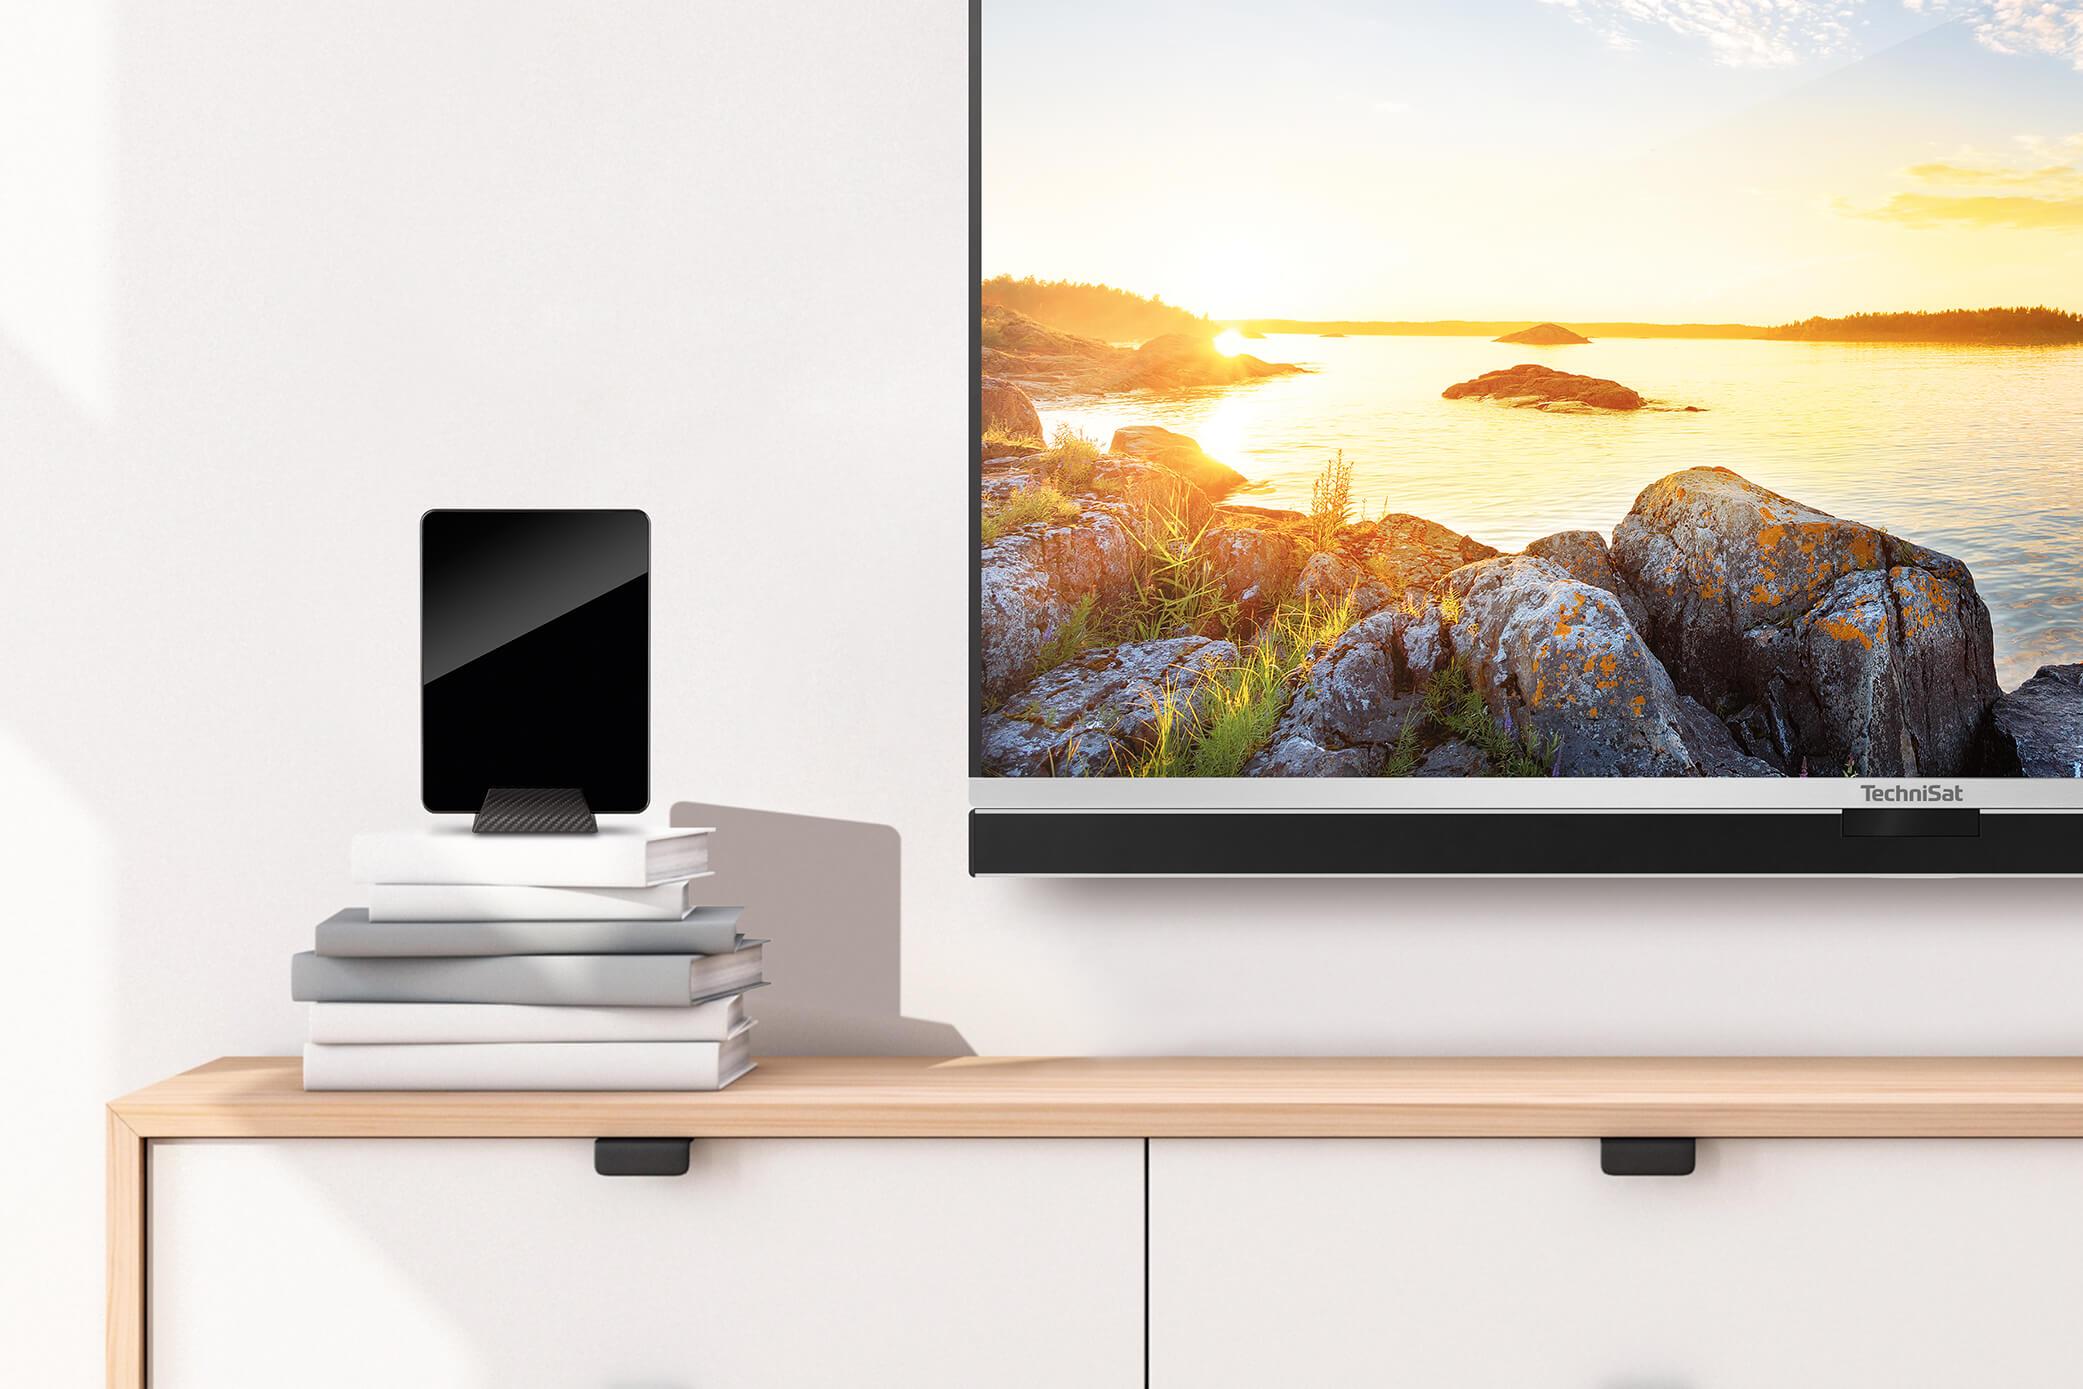 Der Umstieg auf DVB-T2 HD lohnt sich.